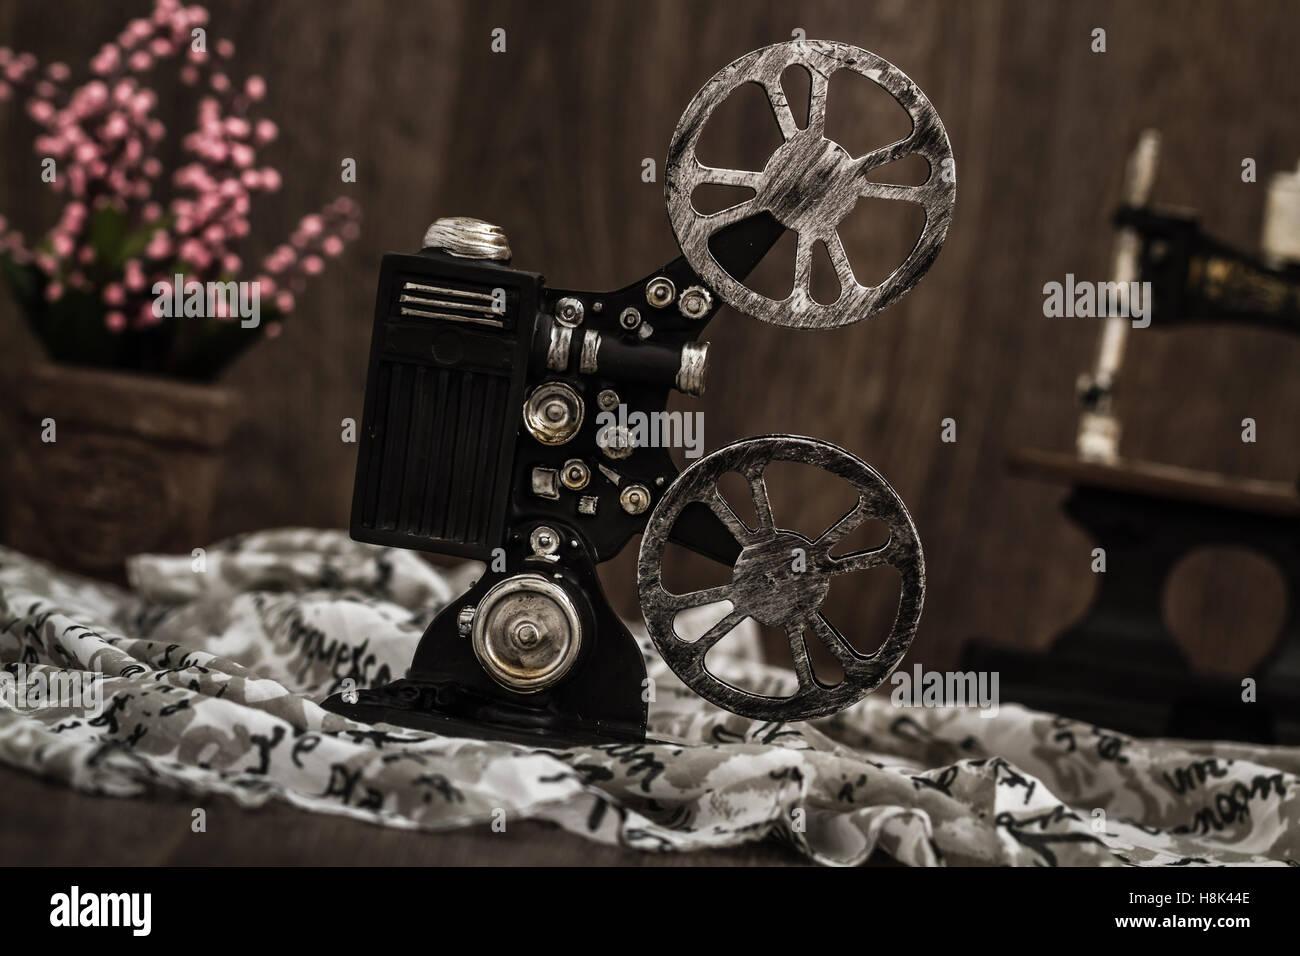 Petite caméra film décoratif nostalgique sur fond de bois brun Photo Stock